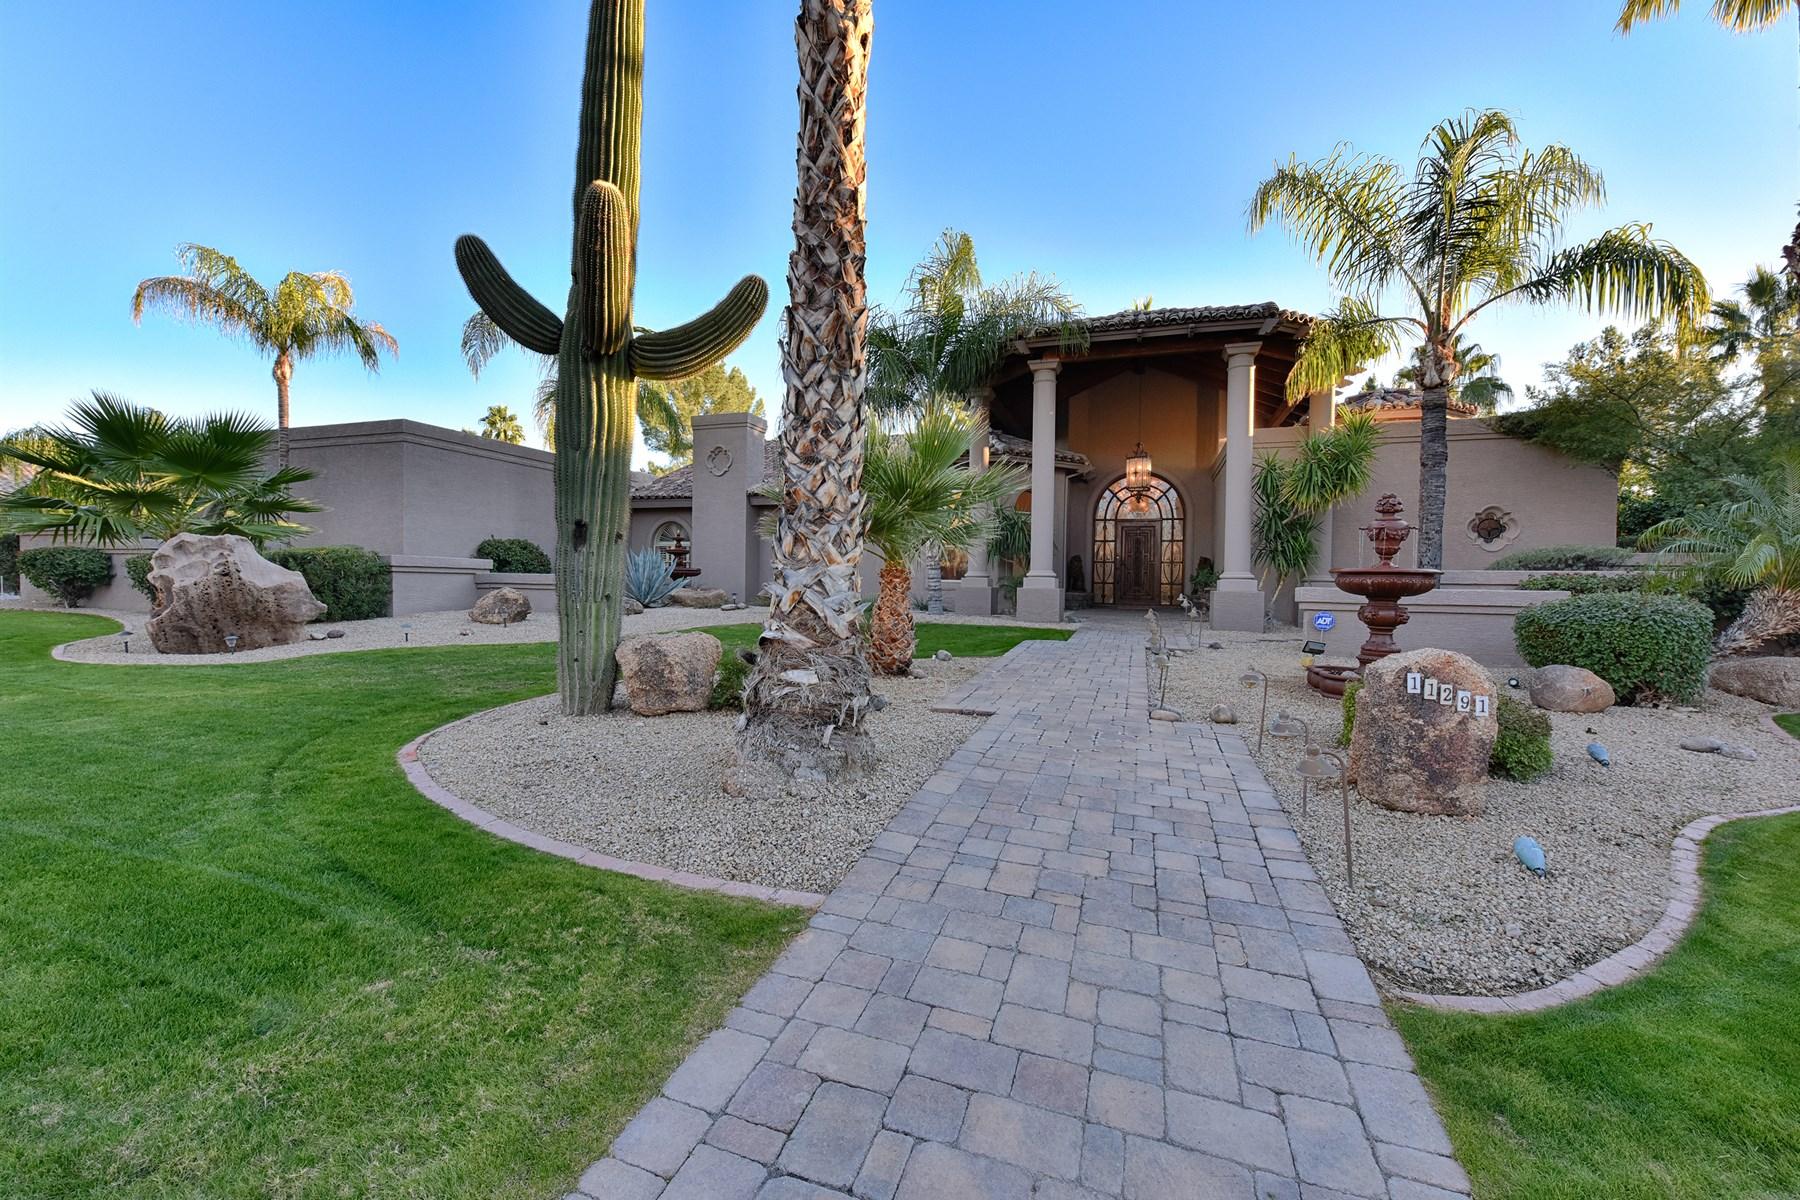 Casa Unifamiliar por un Venta en Beautiful home boasting incredible remodeling upgrades 11291 E Cochise Dr Scottsdale, Arizona 85259 Estados Unidos